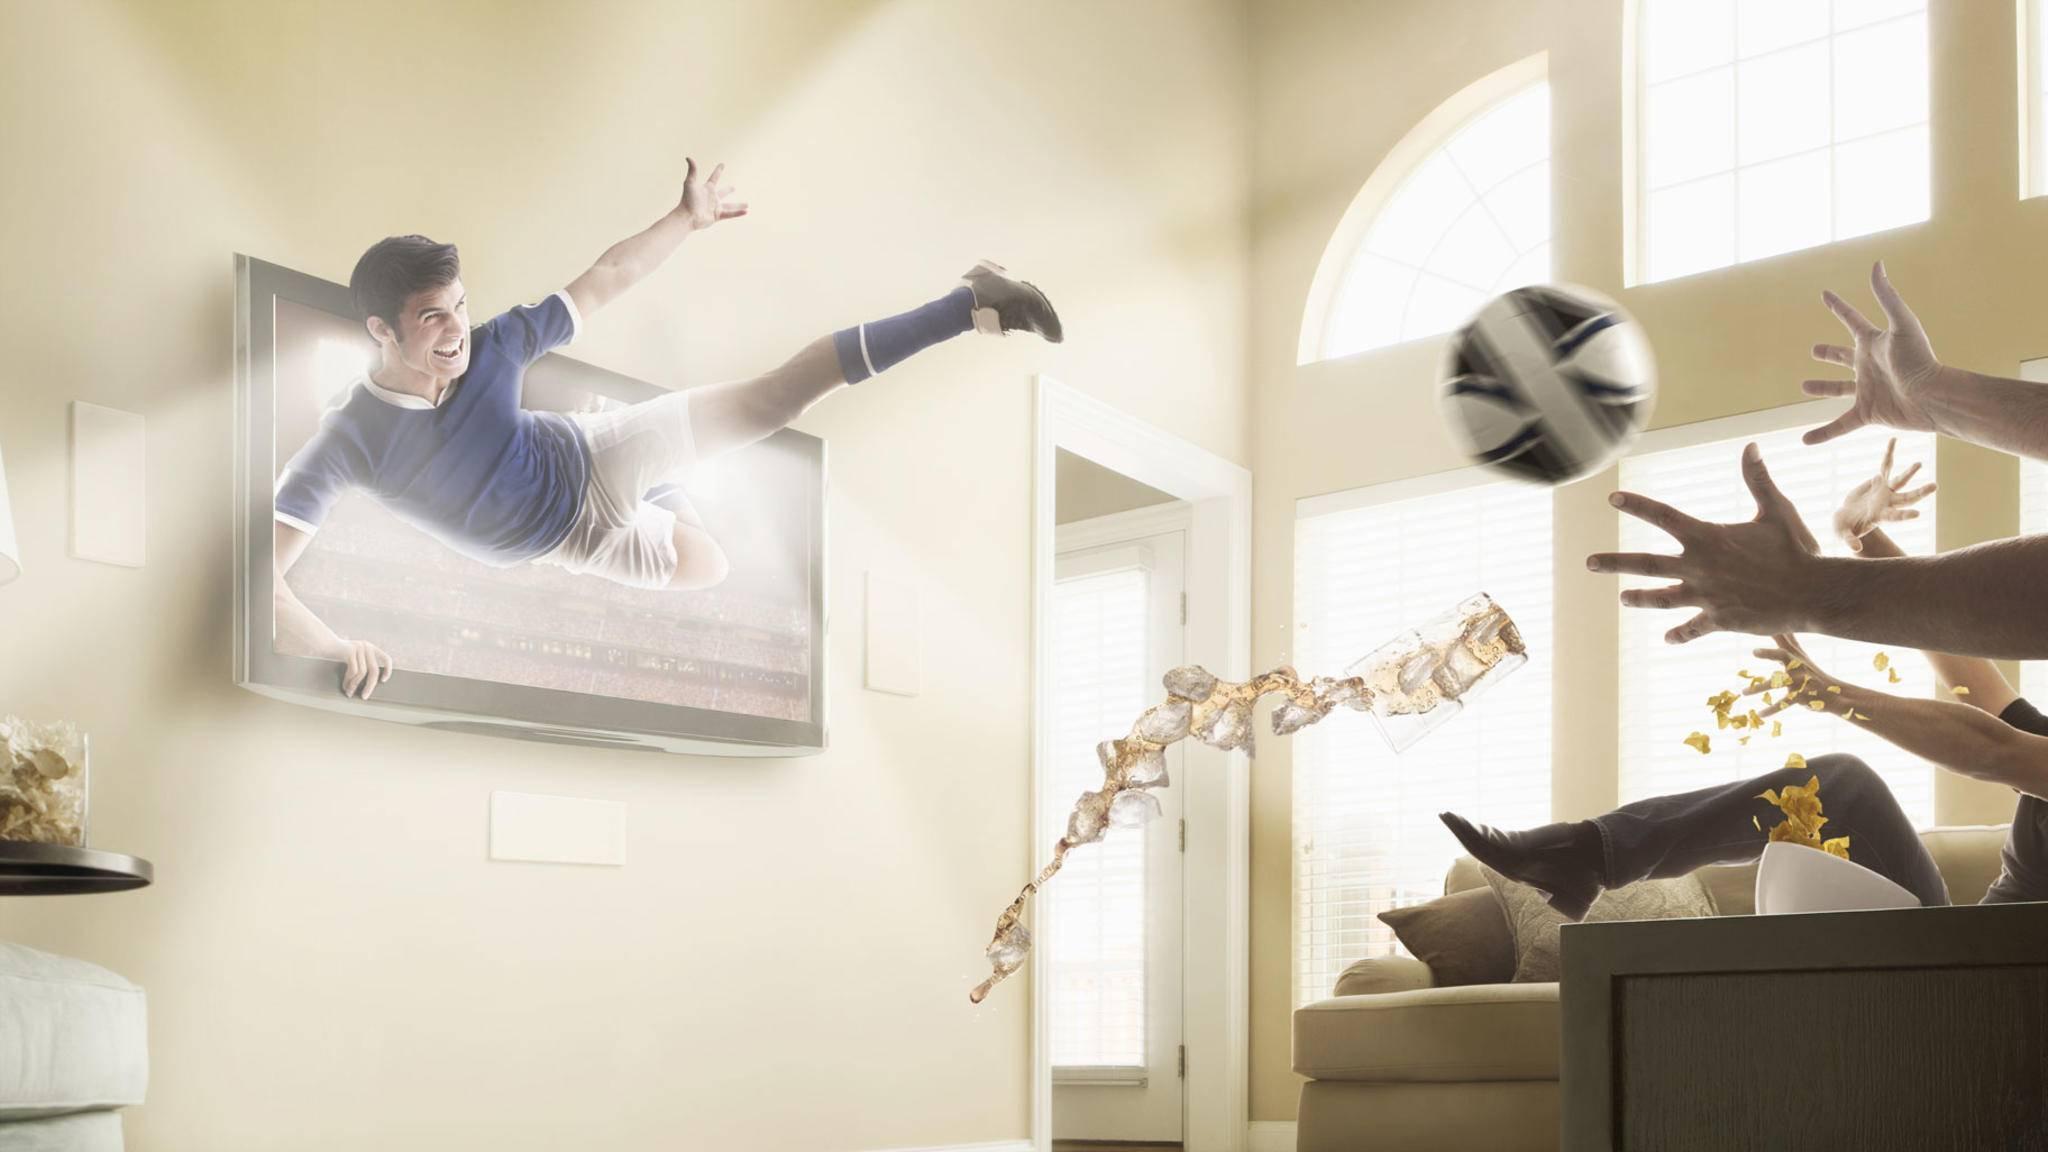 Eine Technik, die sich in deutschen Wohnzimmern nicht durchgesetzt hat: Der 3D-Fernseher.